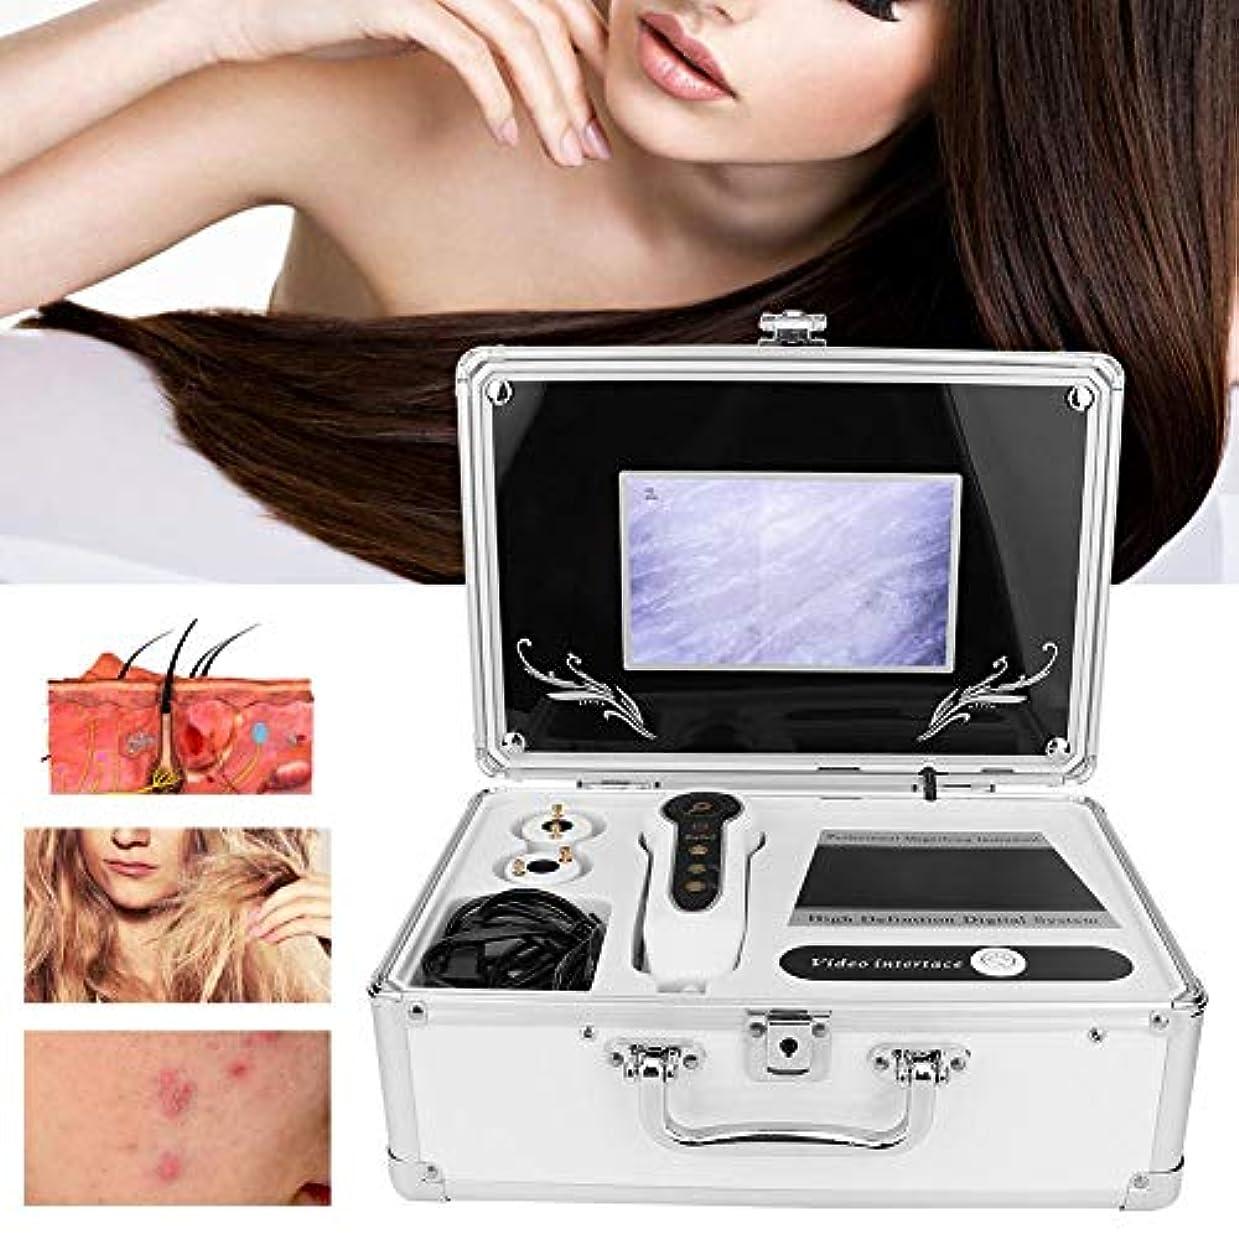 北米処方するラップトップ皮膚頭皮検出器、7インチボックス型毛包顔面皮膚アナライザープロの顕微鏡皮膚健康マシンツール(#1)